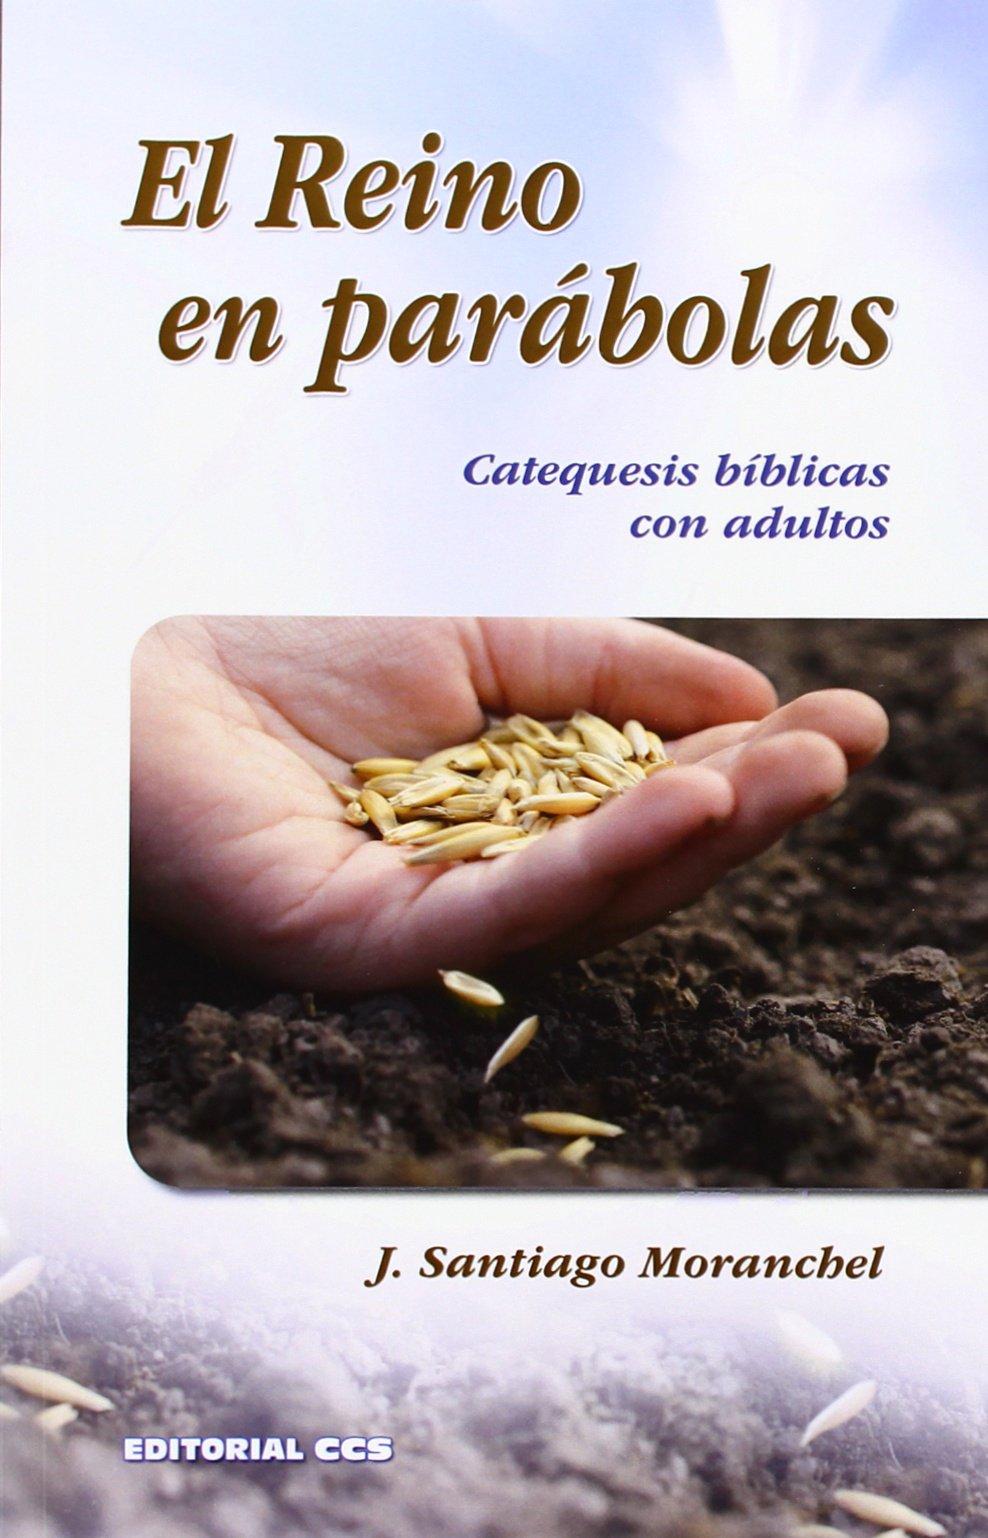 El Reino en parábolas: Catequesis bíblicas con adultos PDF